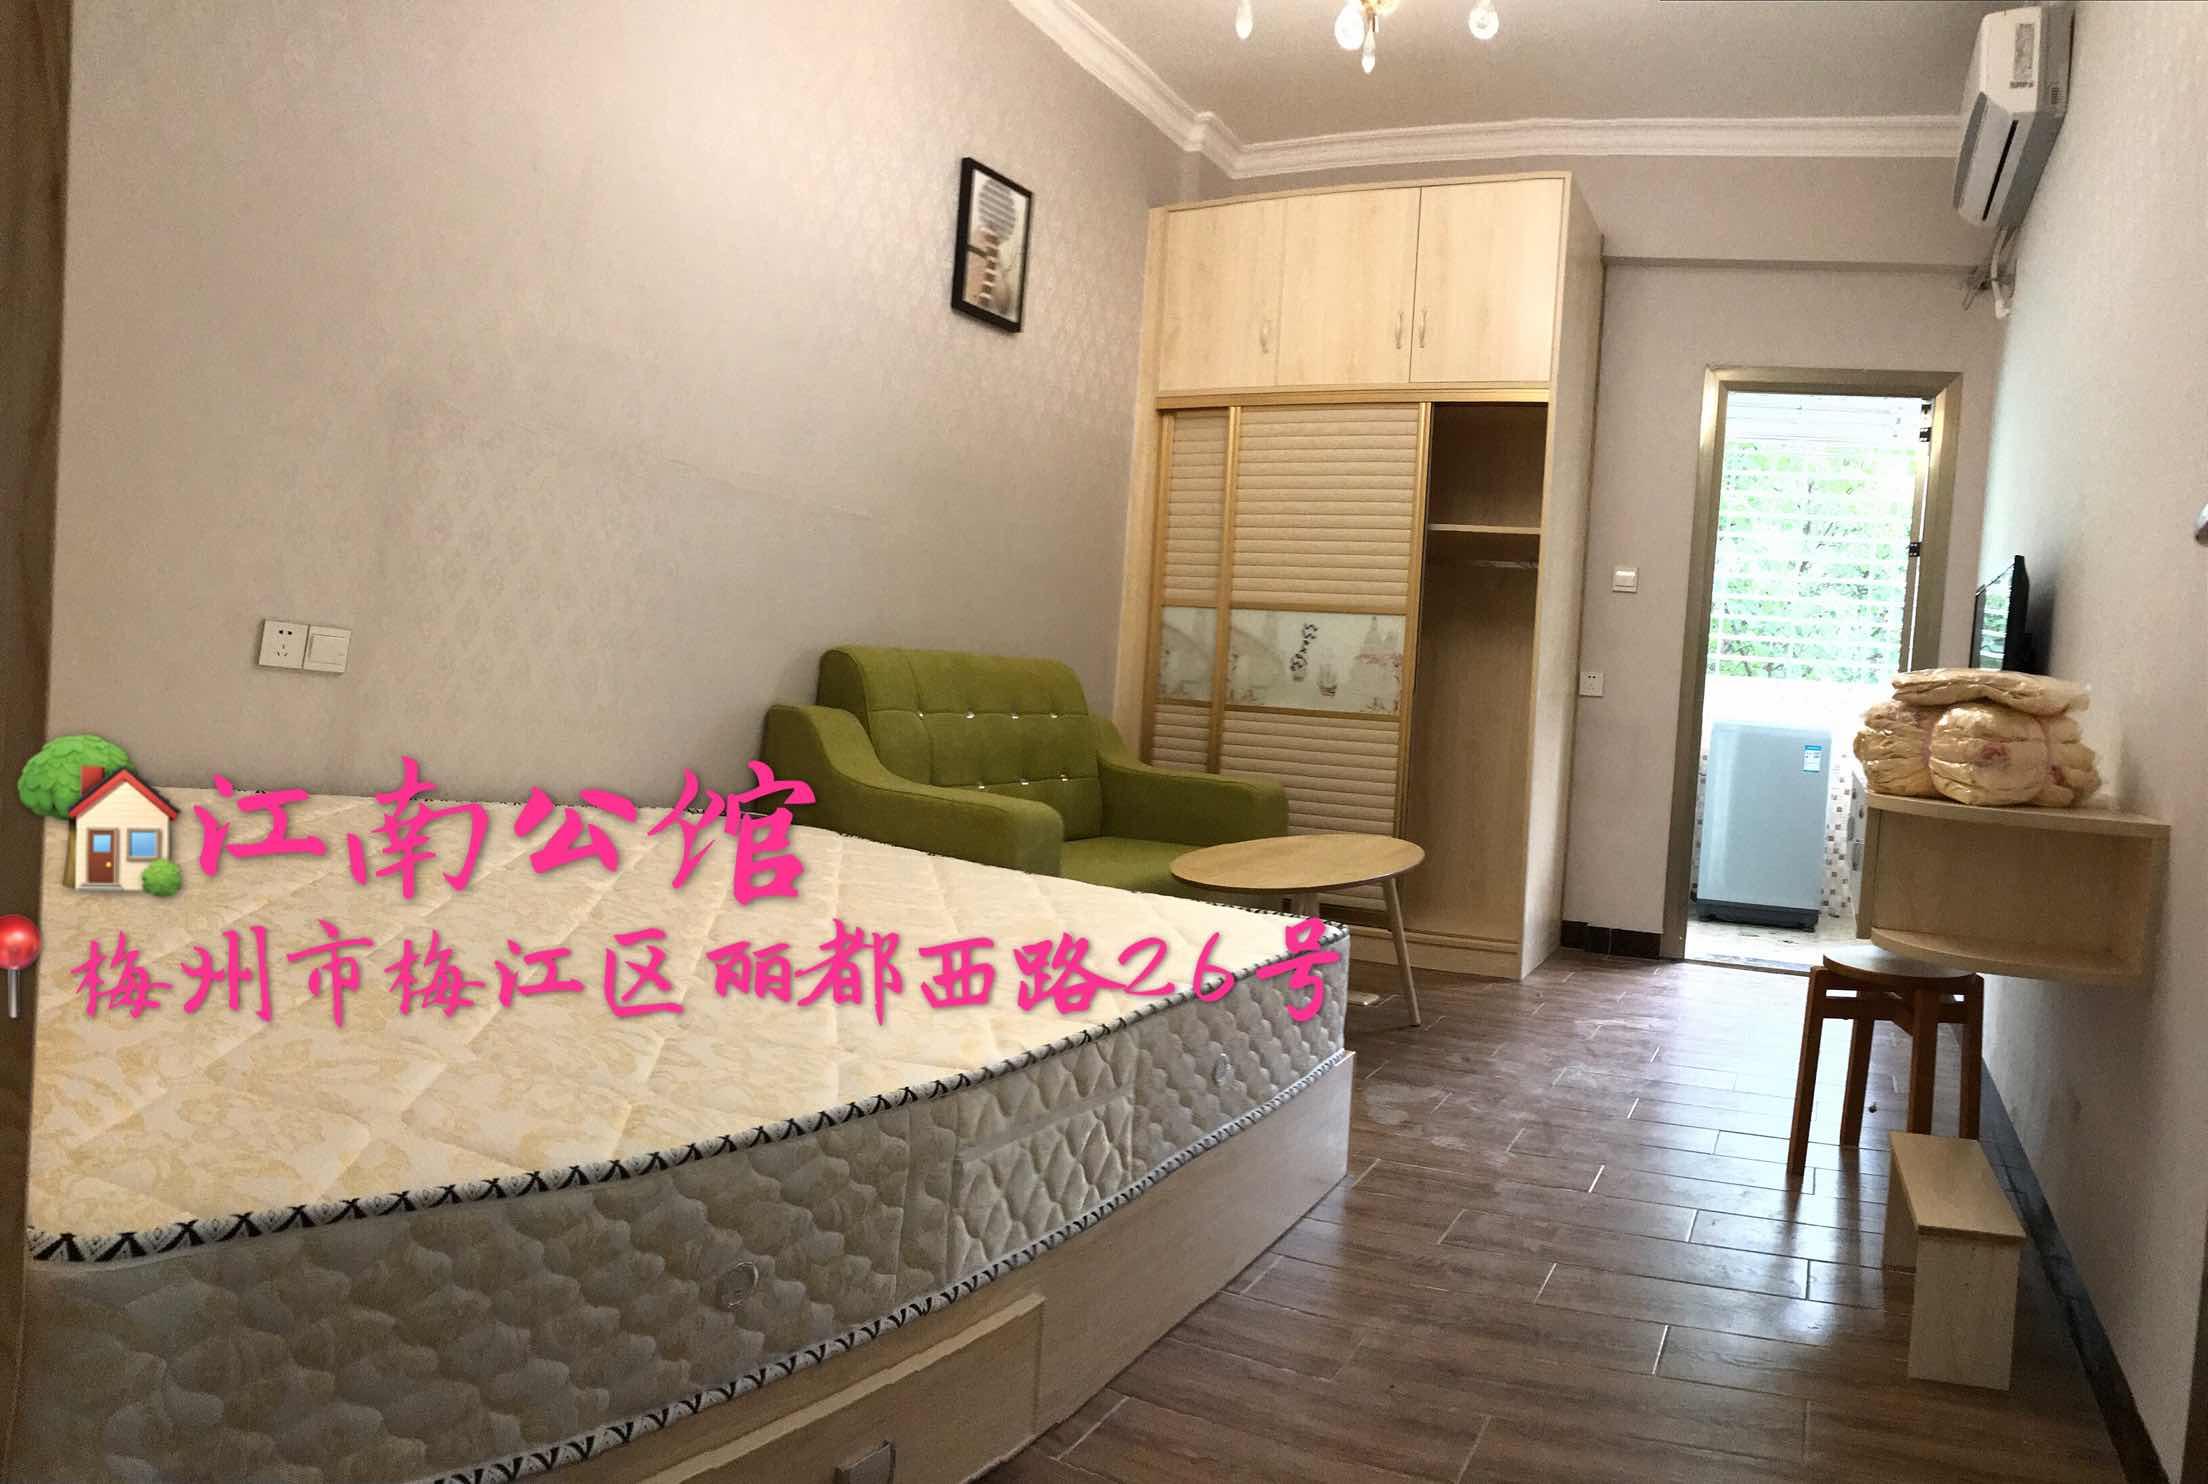 梅州市气象局正对面豪华公寓江南公馆